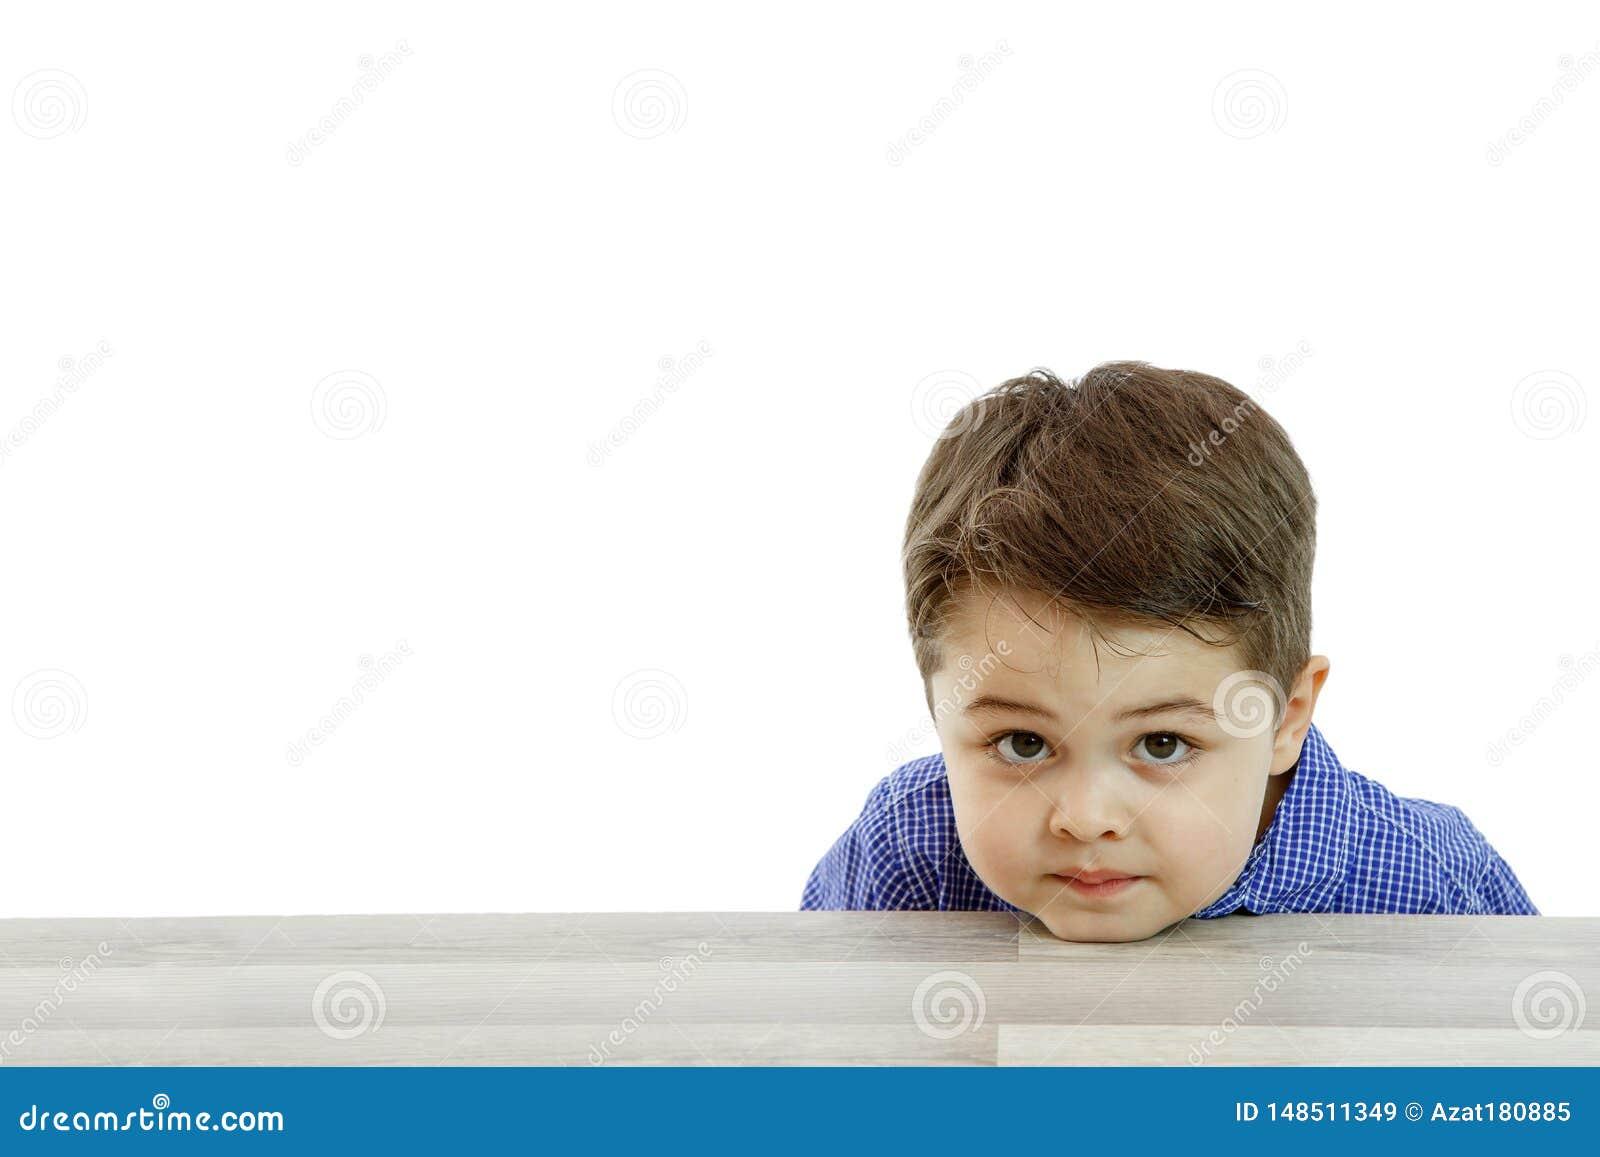 Λίγο χαριτωμένο αγόρι με τις διαφορετικές συγκινήσεις στο πρόσωπο στο απομονωμένο υπόβαθρο